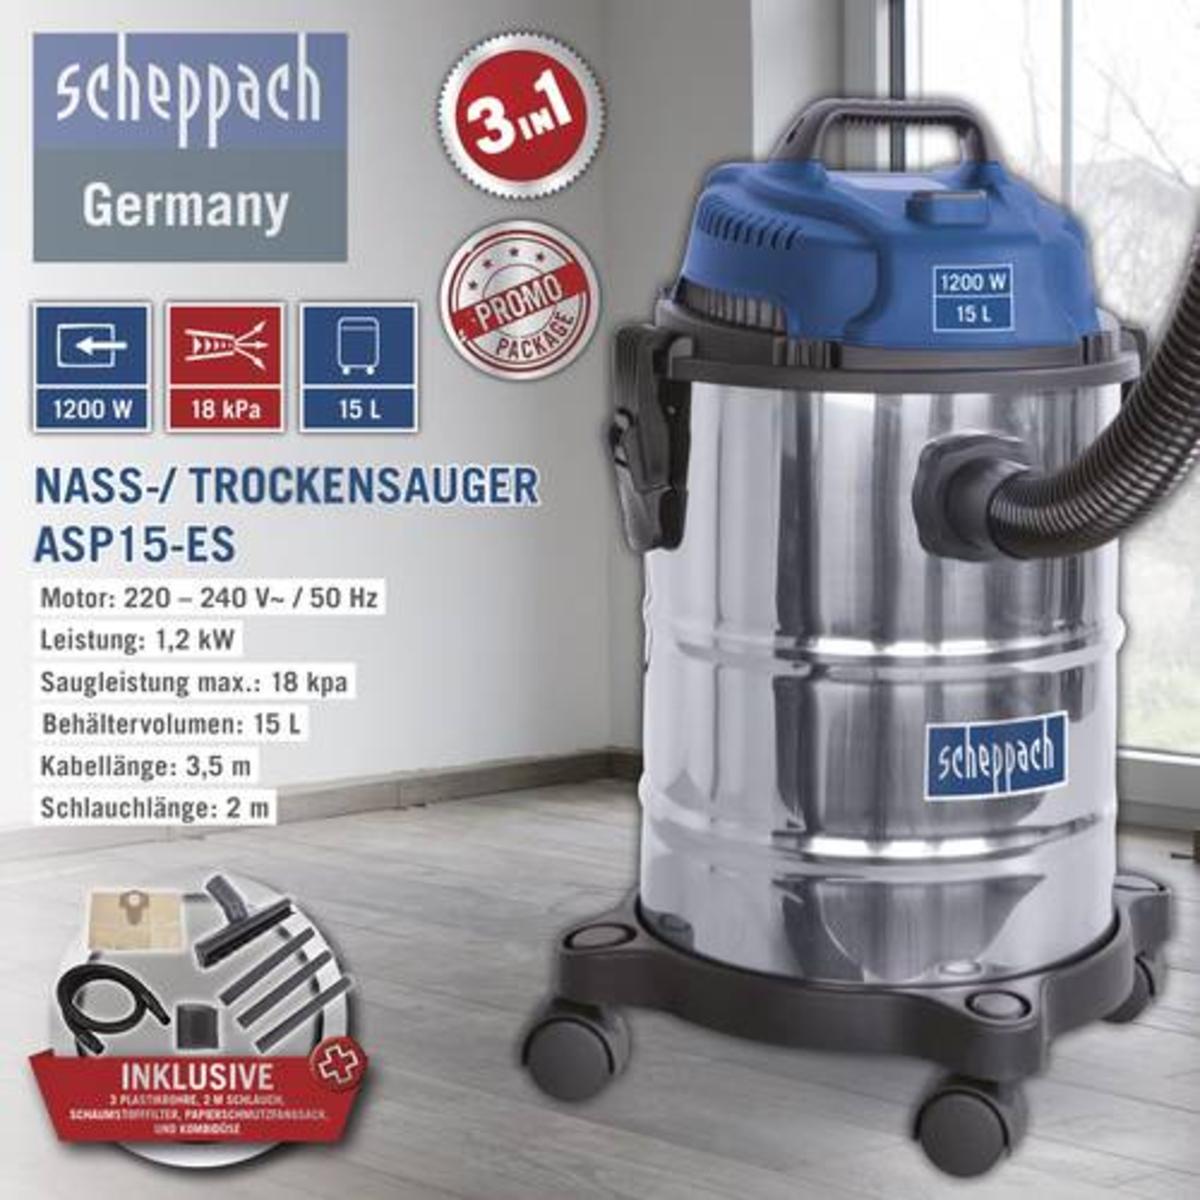 Bild 1 von Scheppach Nass-/ Trockensauger ASP15-ES